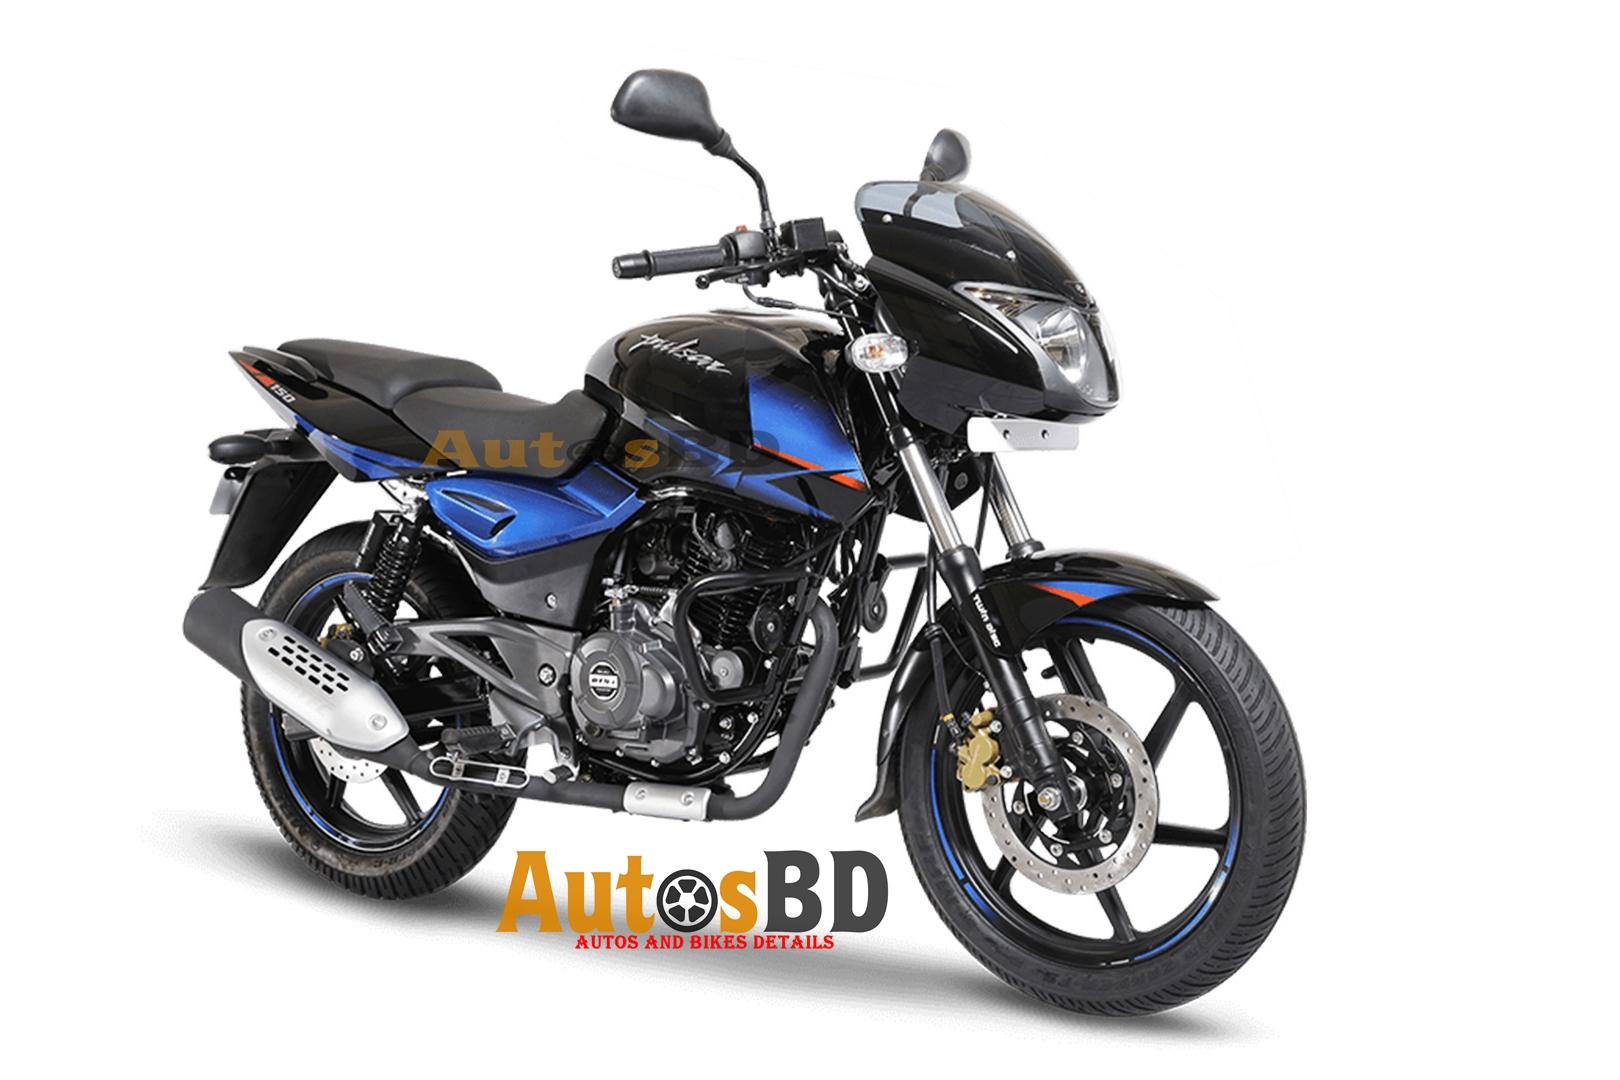 Bajaj Pulsar 150 Twin Disc Motorcycle Specification